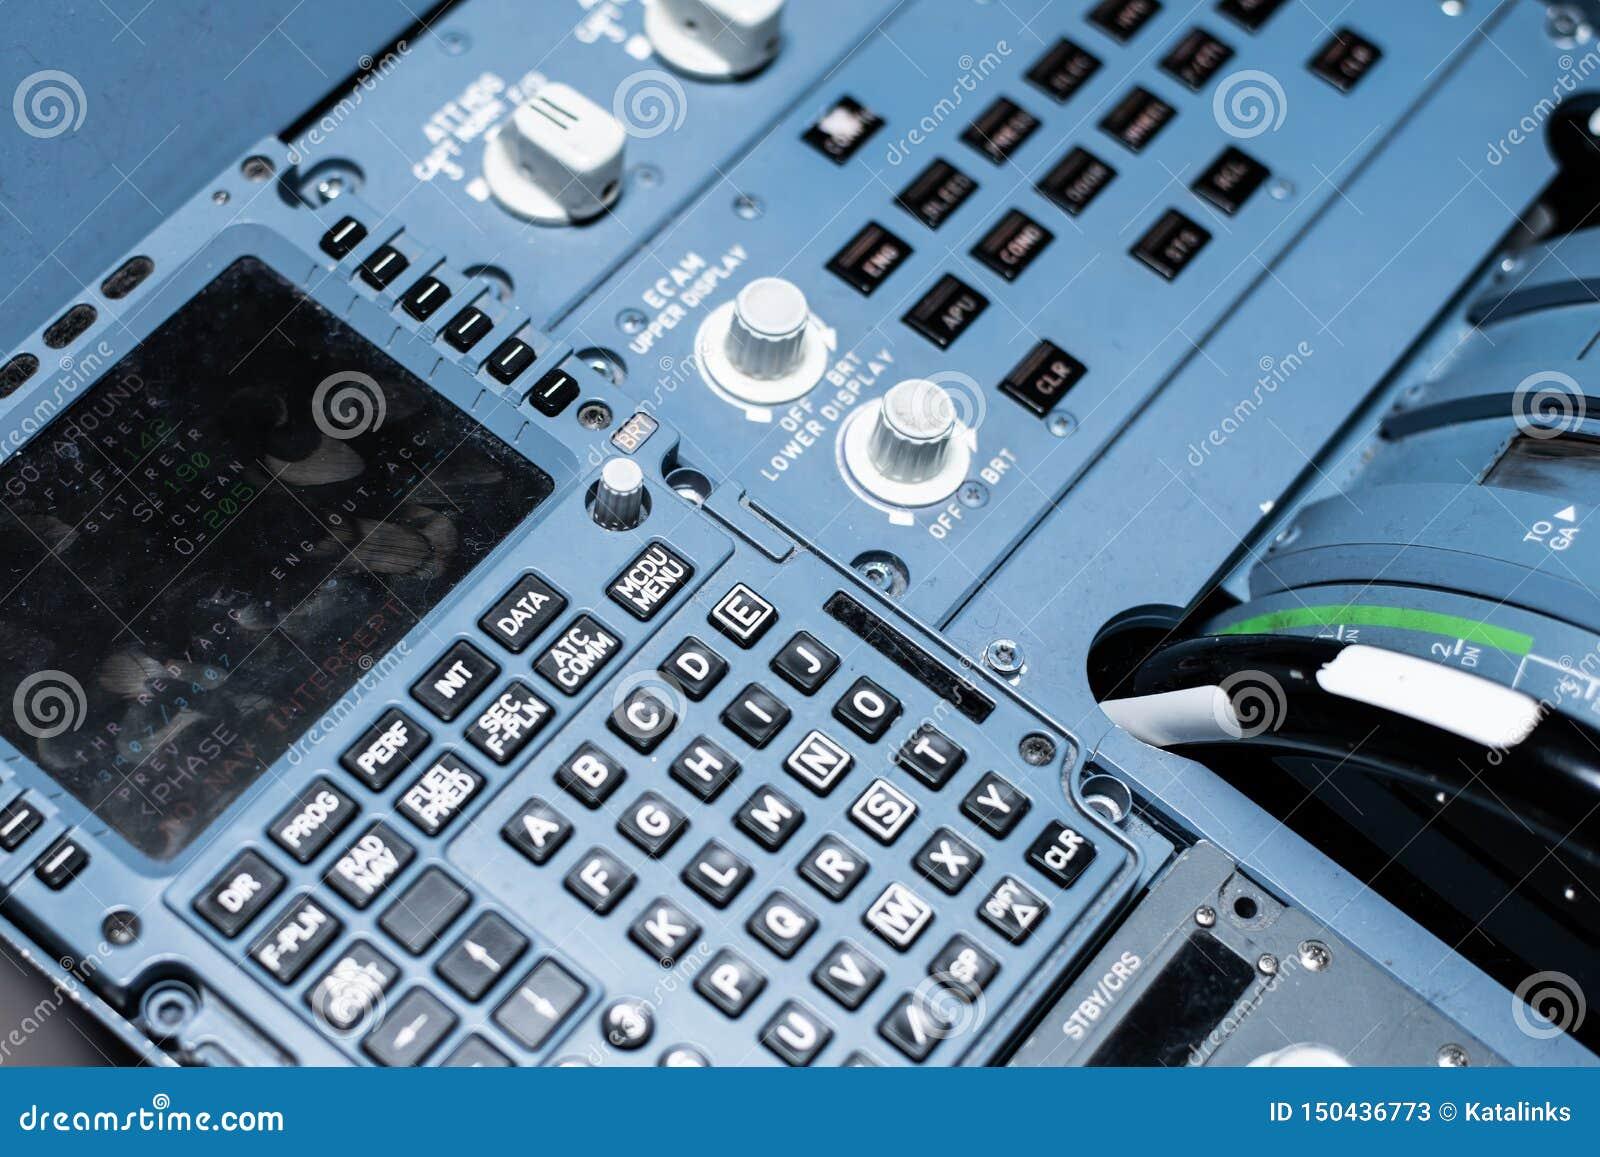 Conmutadores y sensores en el tablero de instrumentos en la cabina del avión de pasajeros